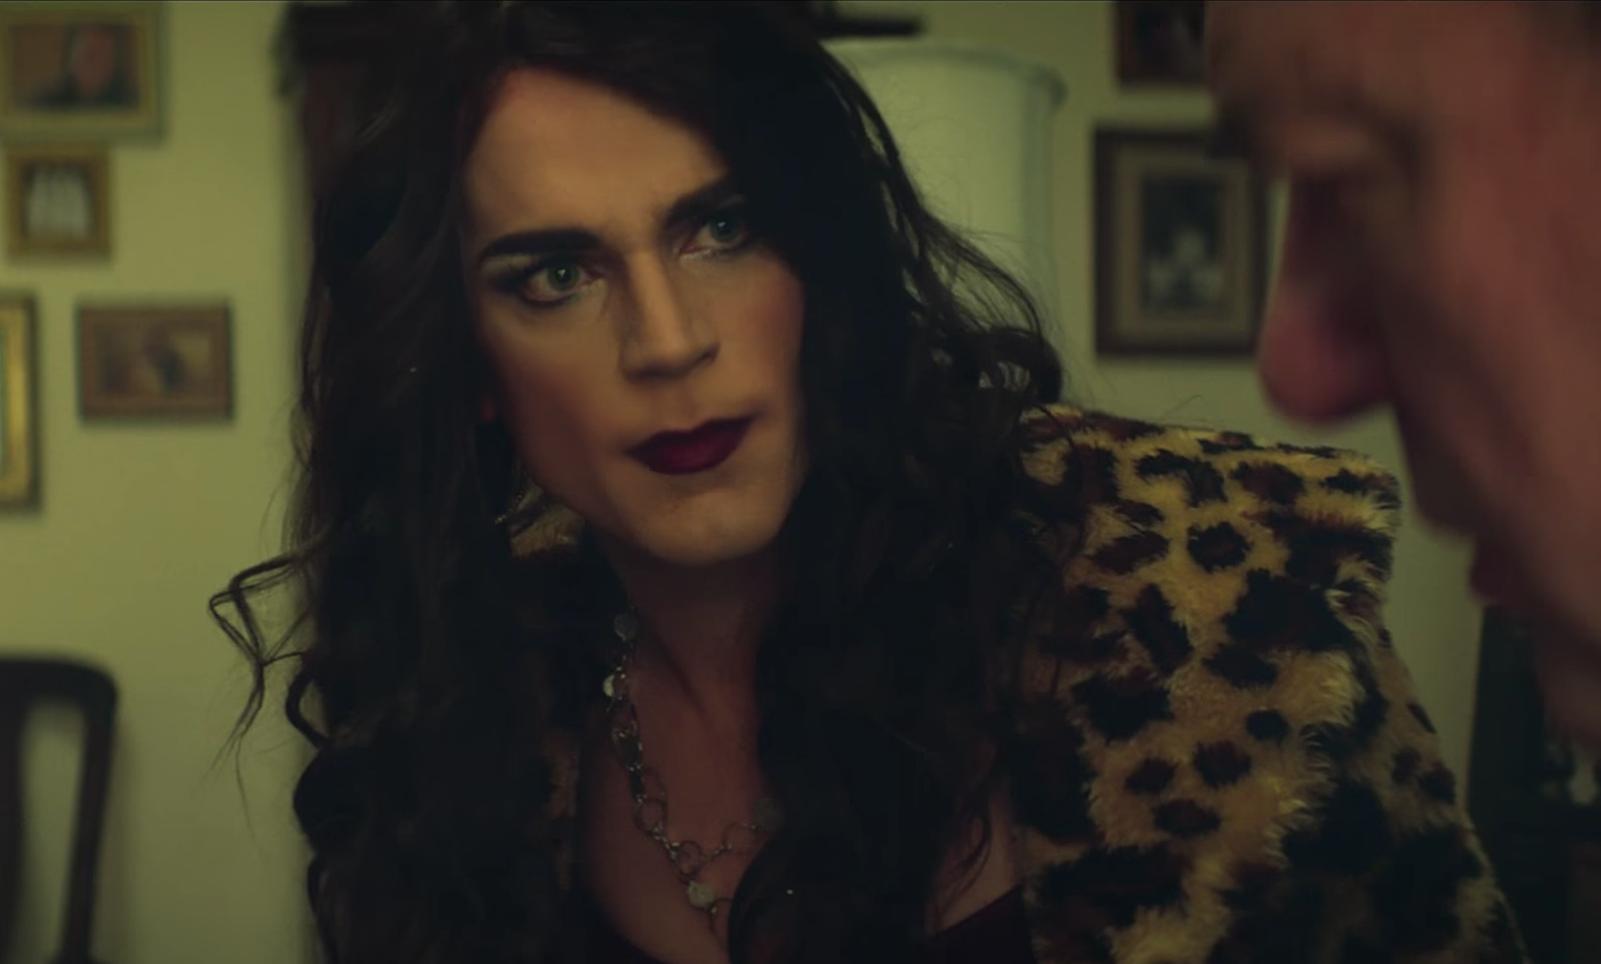 İzleyin: Anything'in İlk Fragmanında Matt Bomer, Tartışmalı Trans Rolünde Görülüyor